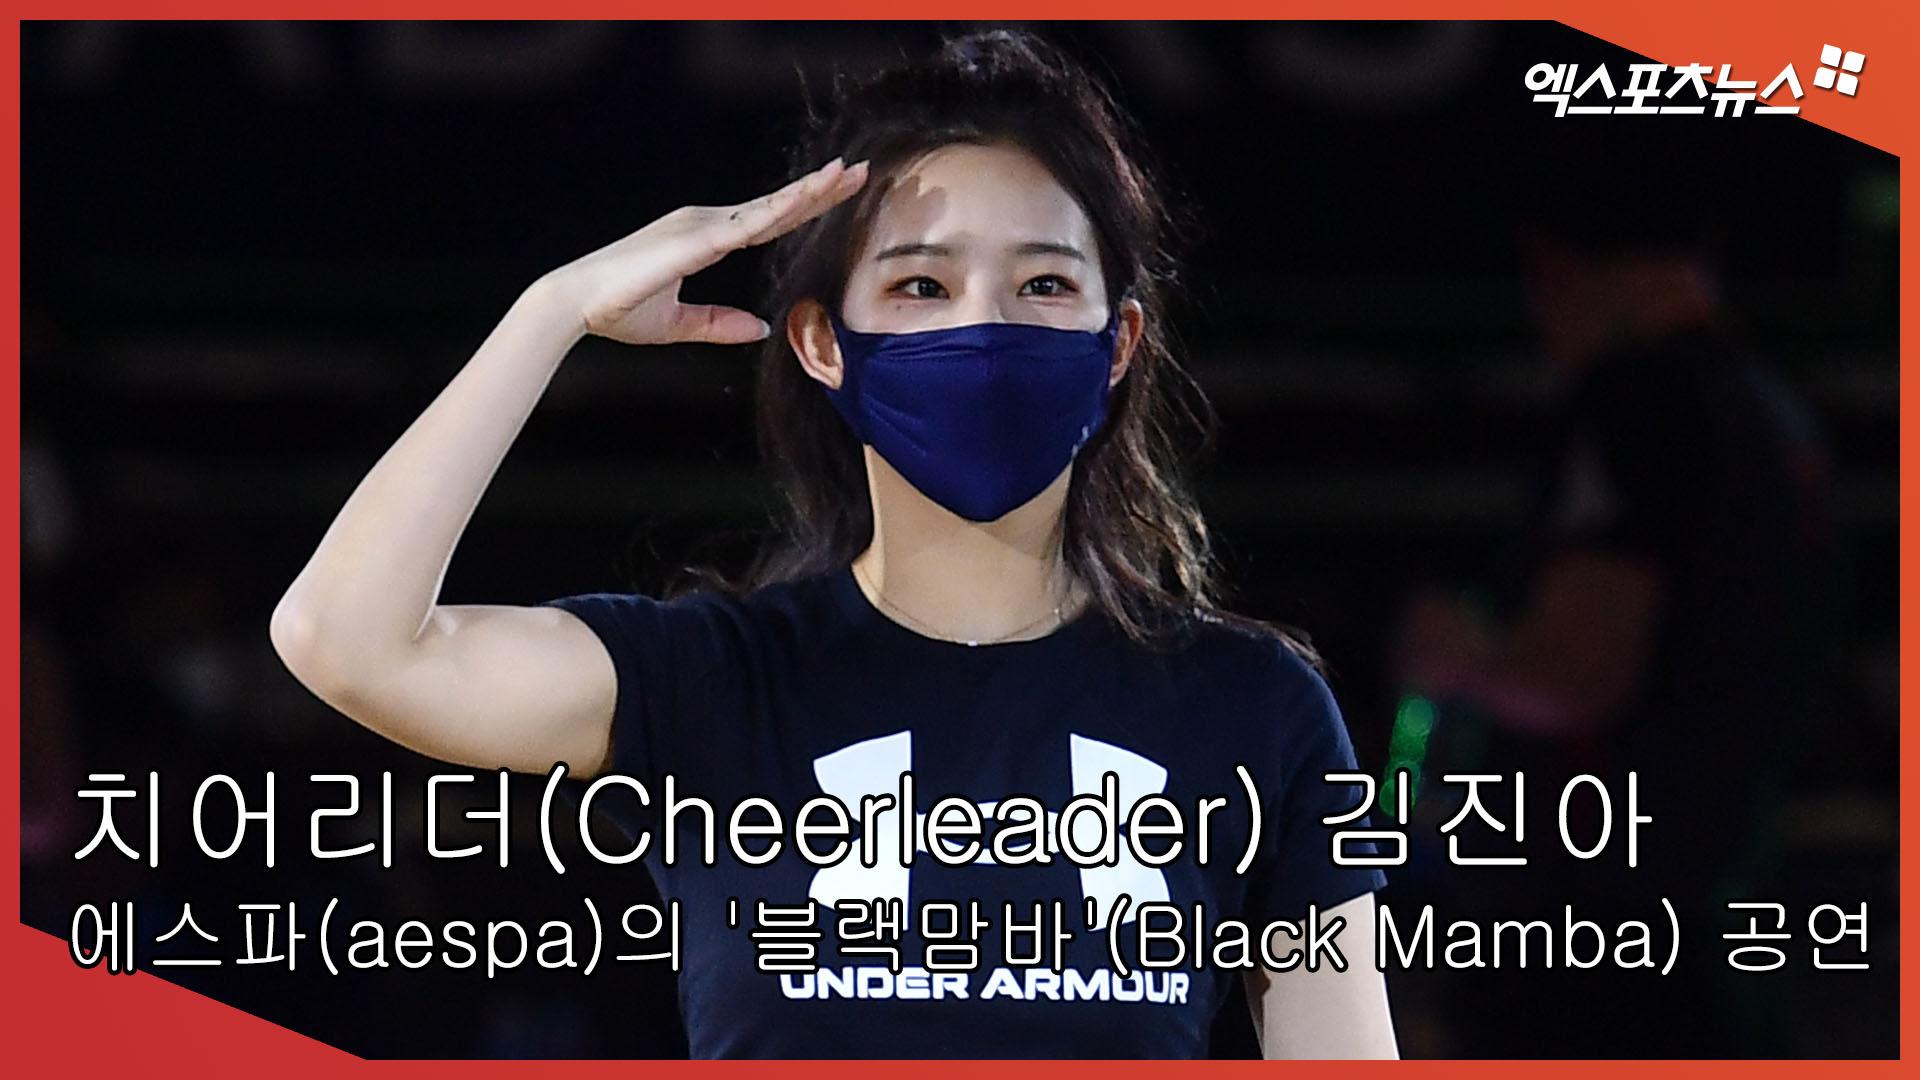 치어리더(Cheerleader) 김진아, 에스파(aespa)의 '블랙맘바'(Black Mamba) 공연 [엑's 영상]